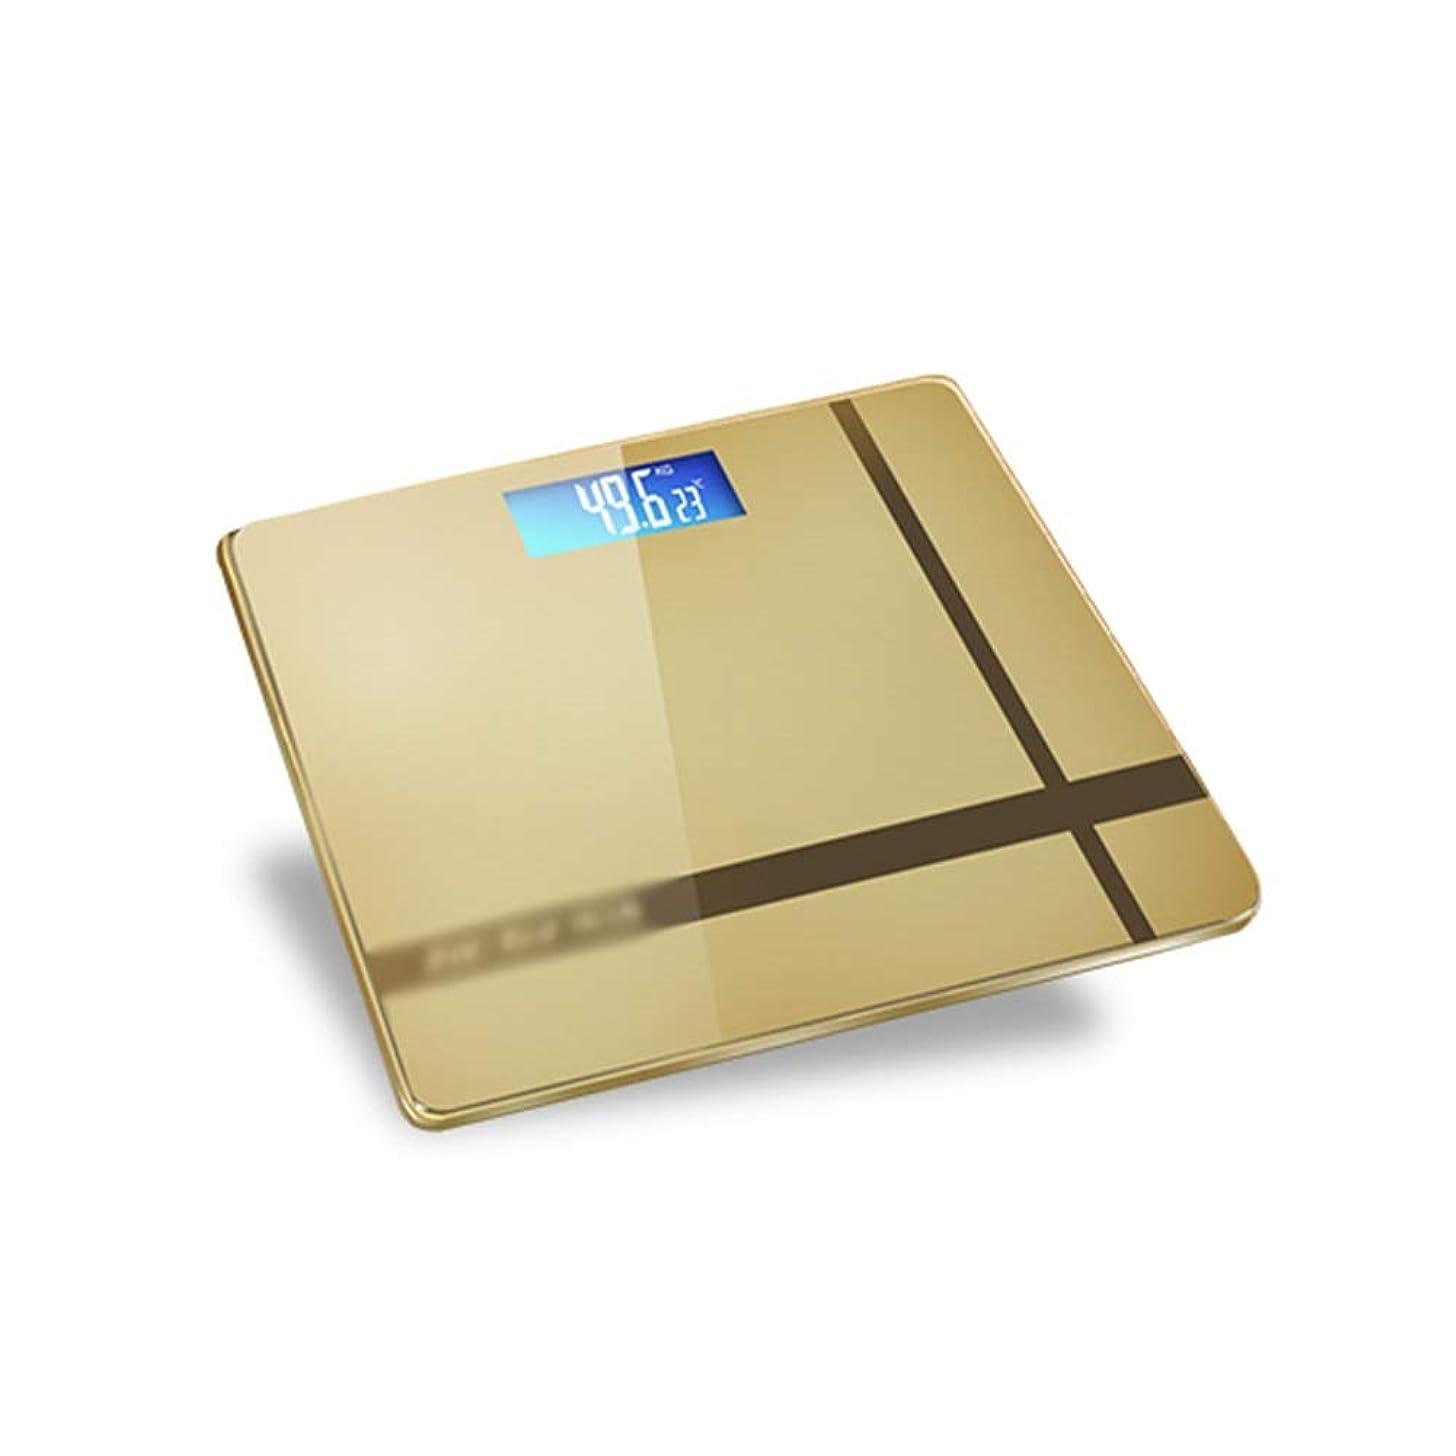 伝記最初は皮XF 体重計?体脂肪計 電子体重計 - インテリジェント精密電子体重計寮の体重計自動誘導家庭用体重計 測定器